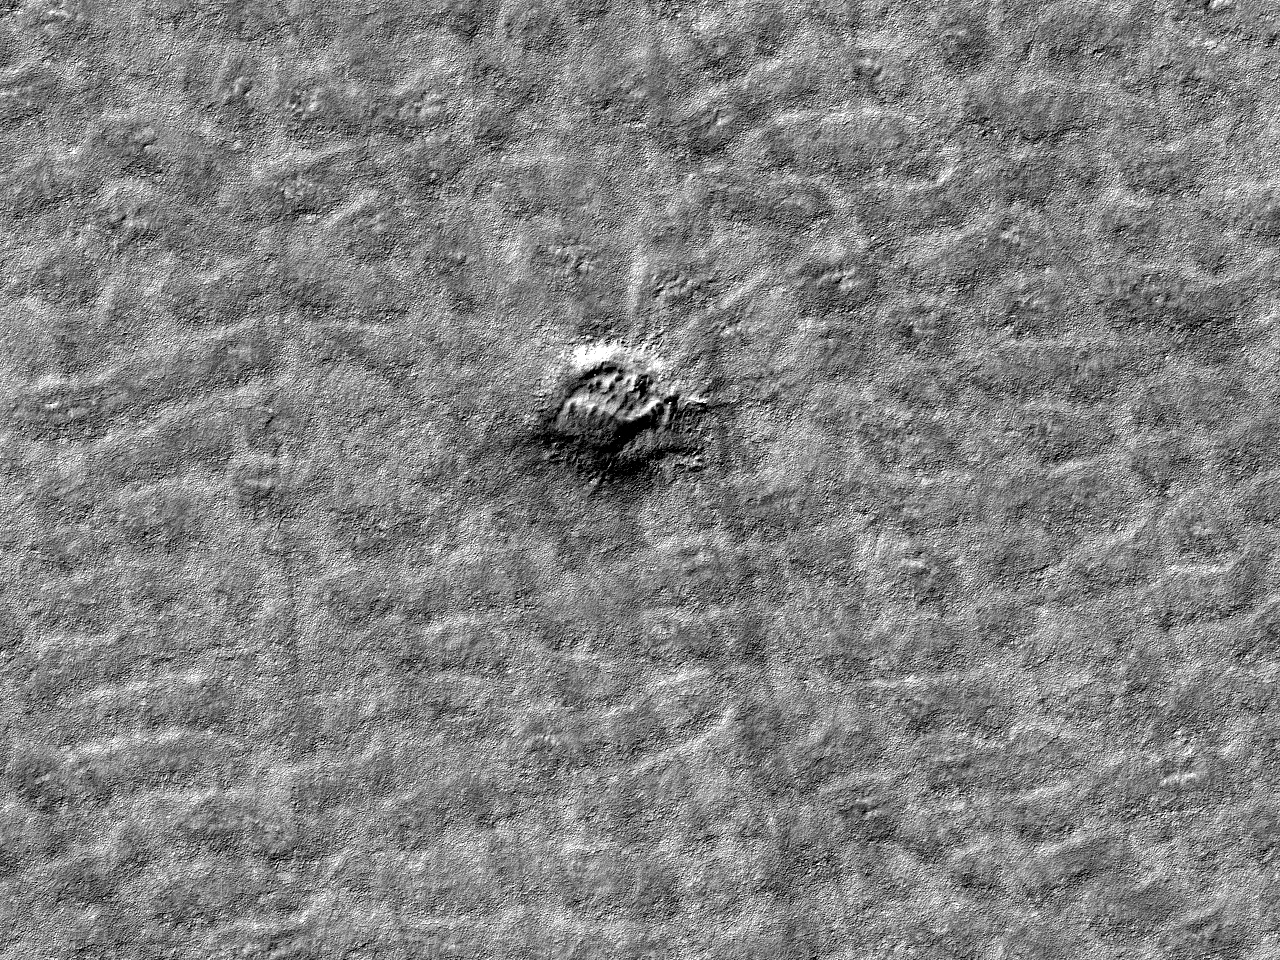 Возможный маленький кратер